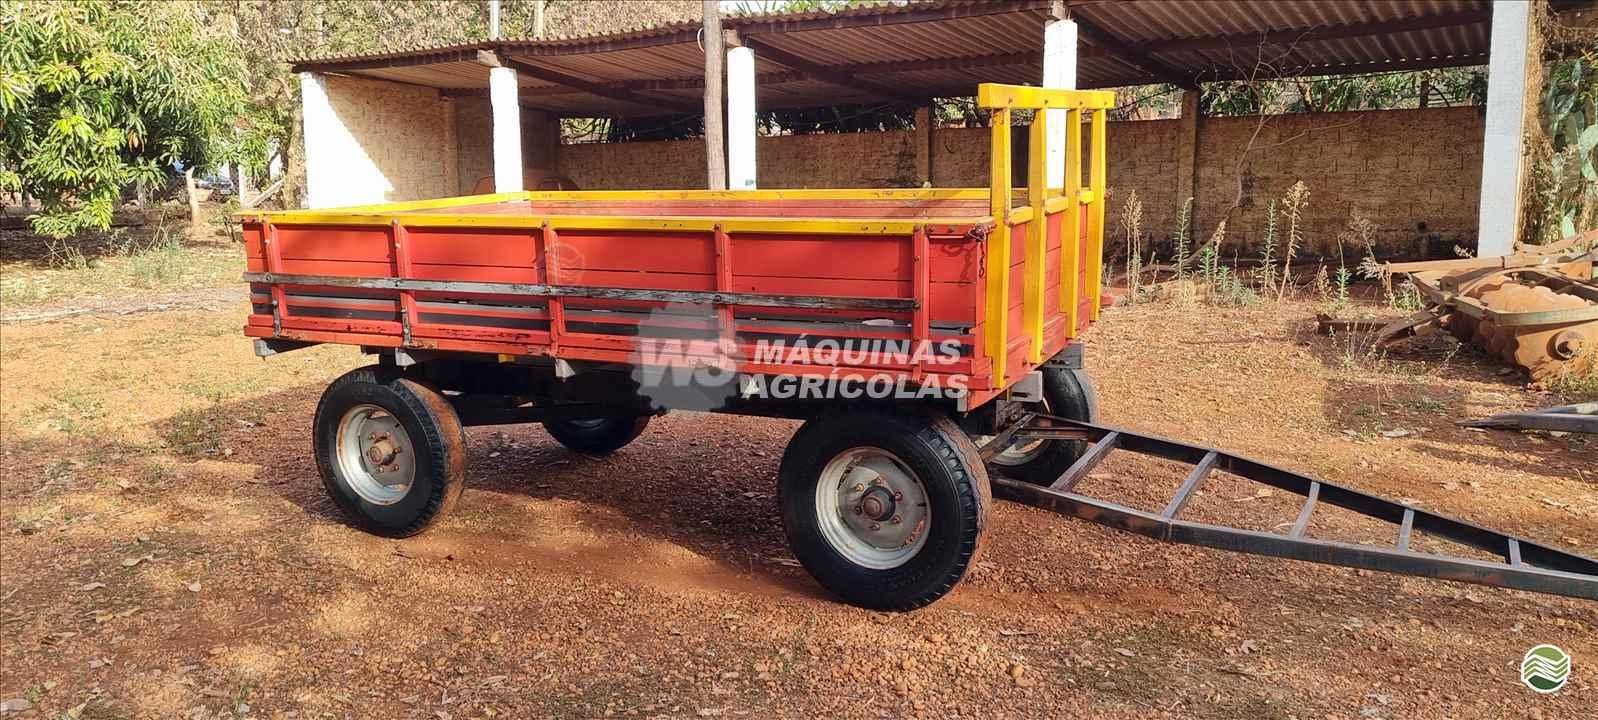 IMPLEMENTOS AGRICOLAS CARRETA AGRÍCOLA CARRETA CARROCERIA WS Máquinas Agrícolas SERTAOZINHO SÃO PAULO SP